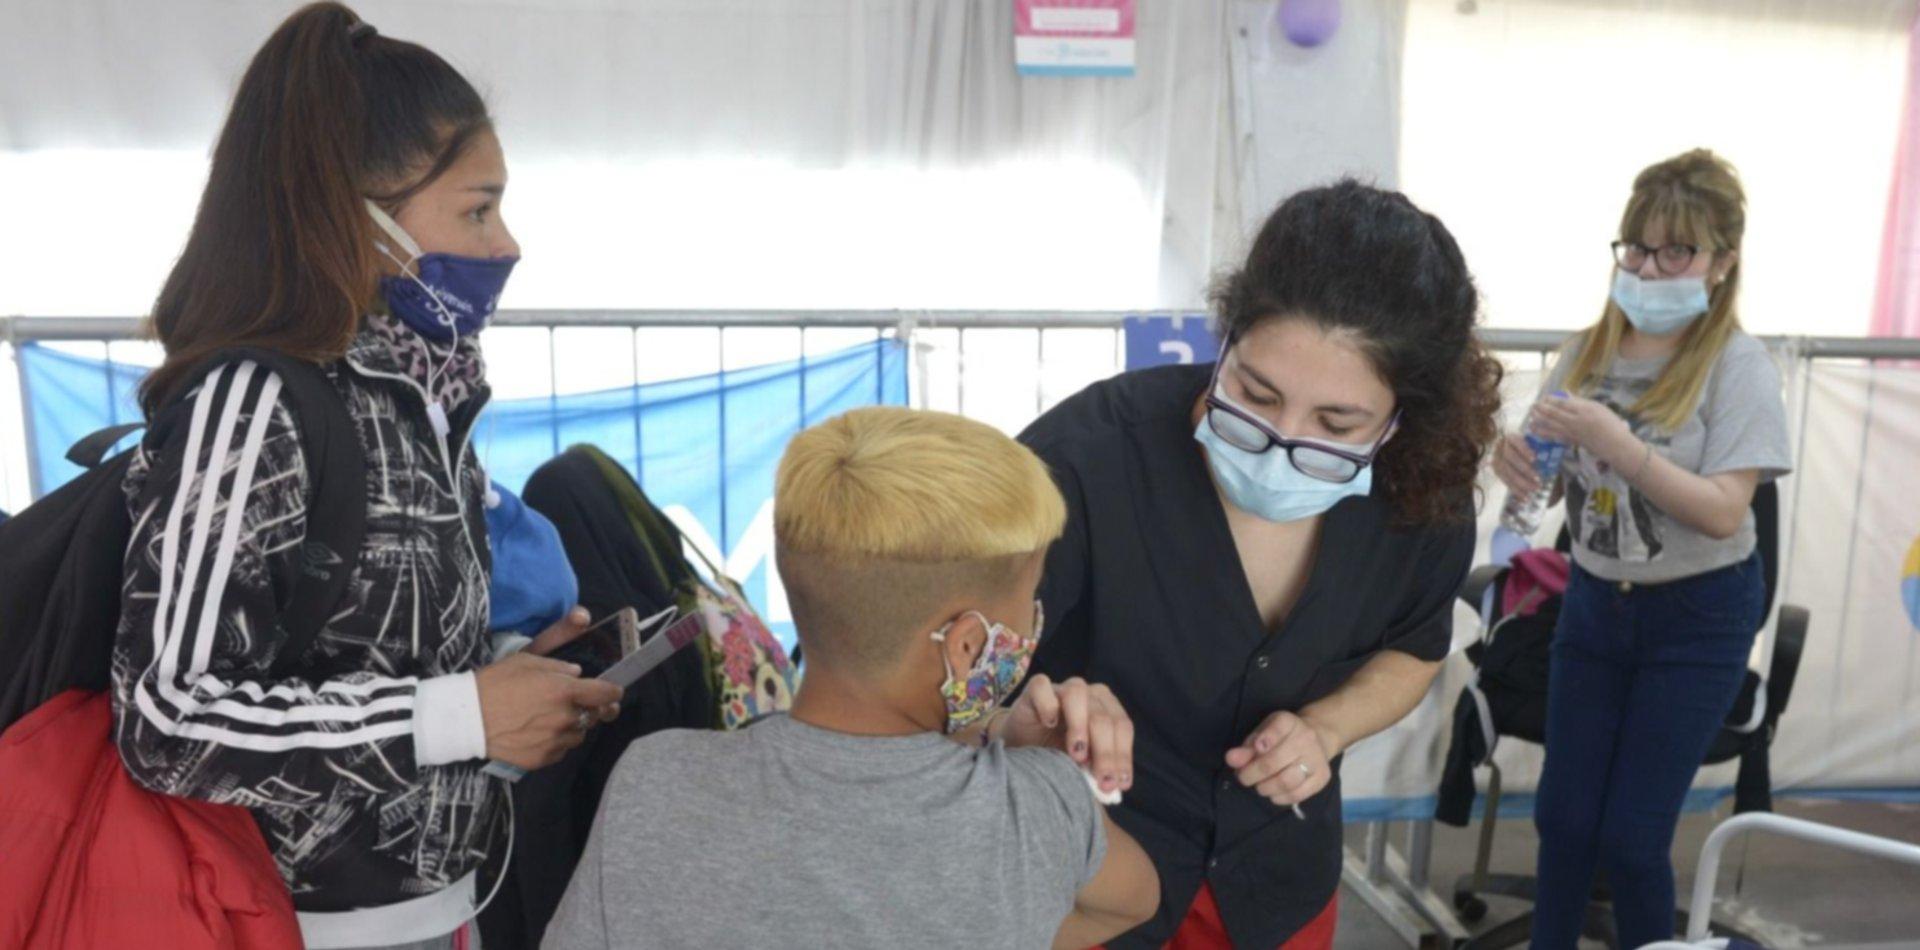 Convocan a escuelas bonaerenses para funcionar como centros de vacunación para chicos